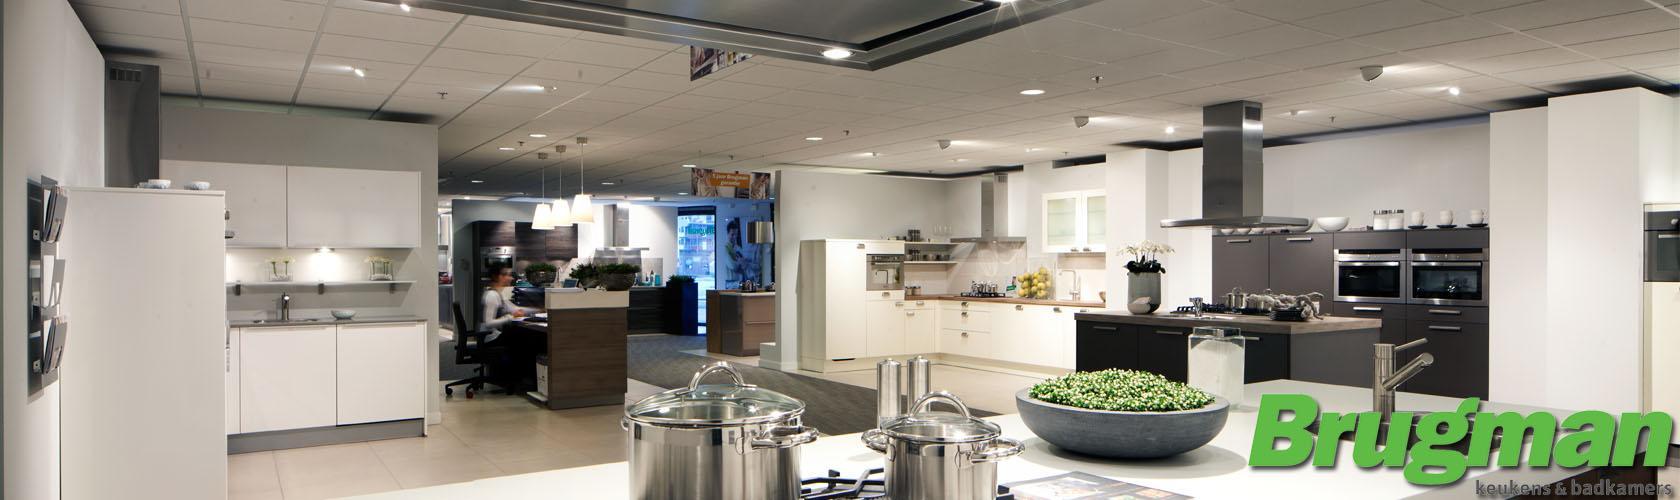 Brugman keukens informatie? Brugman keuken kopen en prijzen